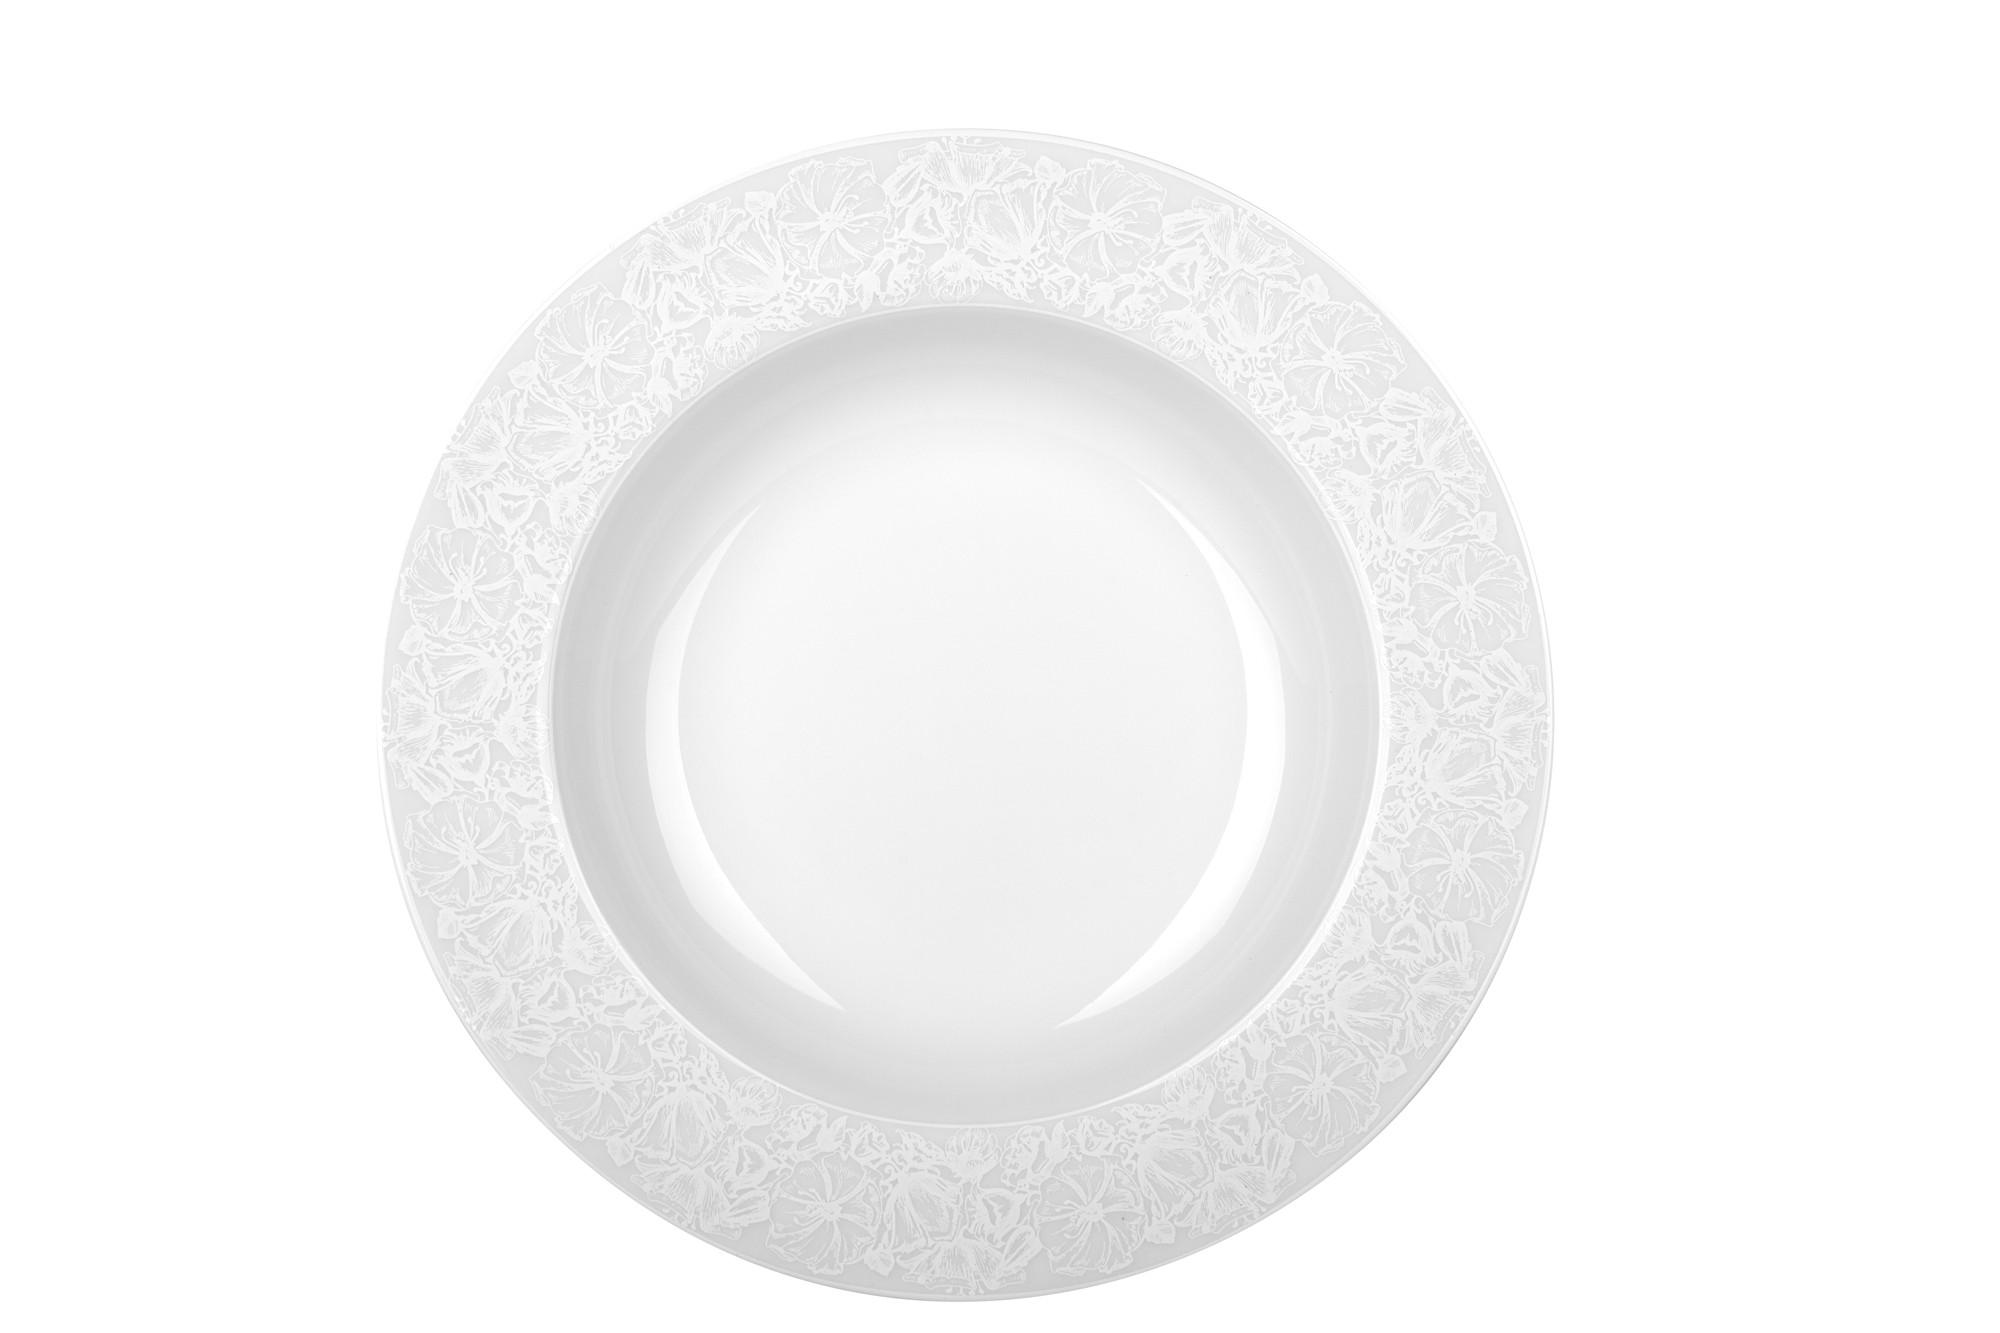 Πιάτο Βαθύ Σετ 6Τμχ Fiore 23cm Ionia home   ειδη σερβιρισματος   πιάτα